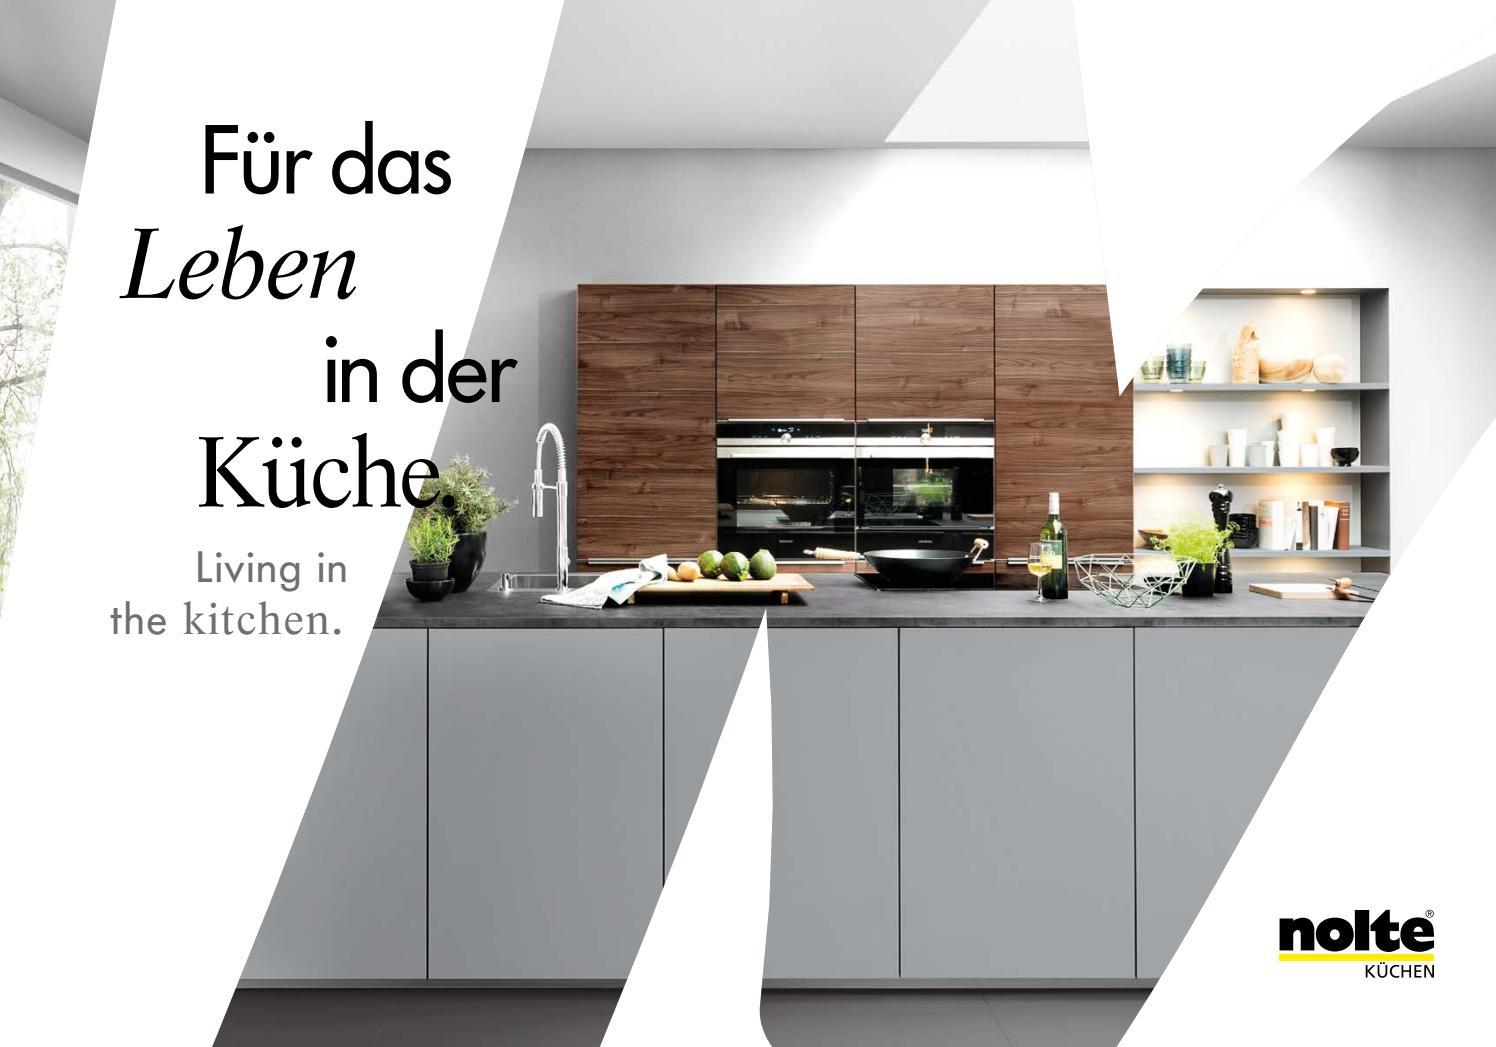 Full Size of Nolte Küchen Glasfront Kchen 2016 By Reikem Gbr Regal Schlafzimmer Betten Küche Wohnzimmer Nolte Küchen Glasfront